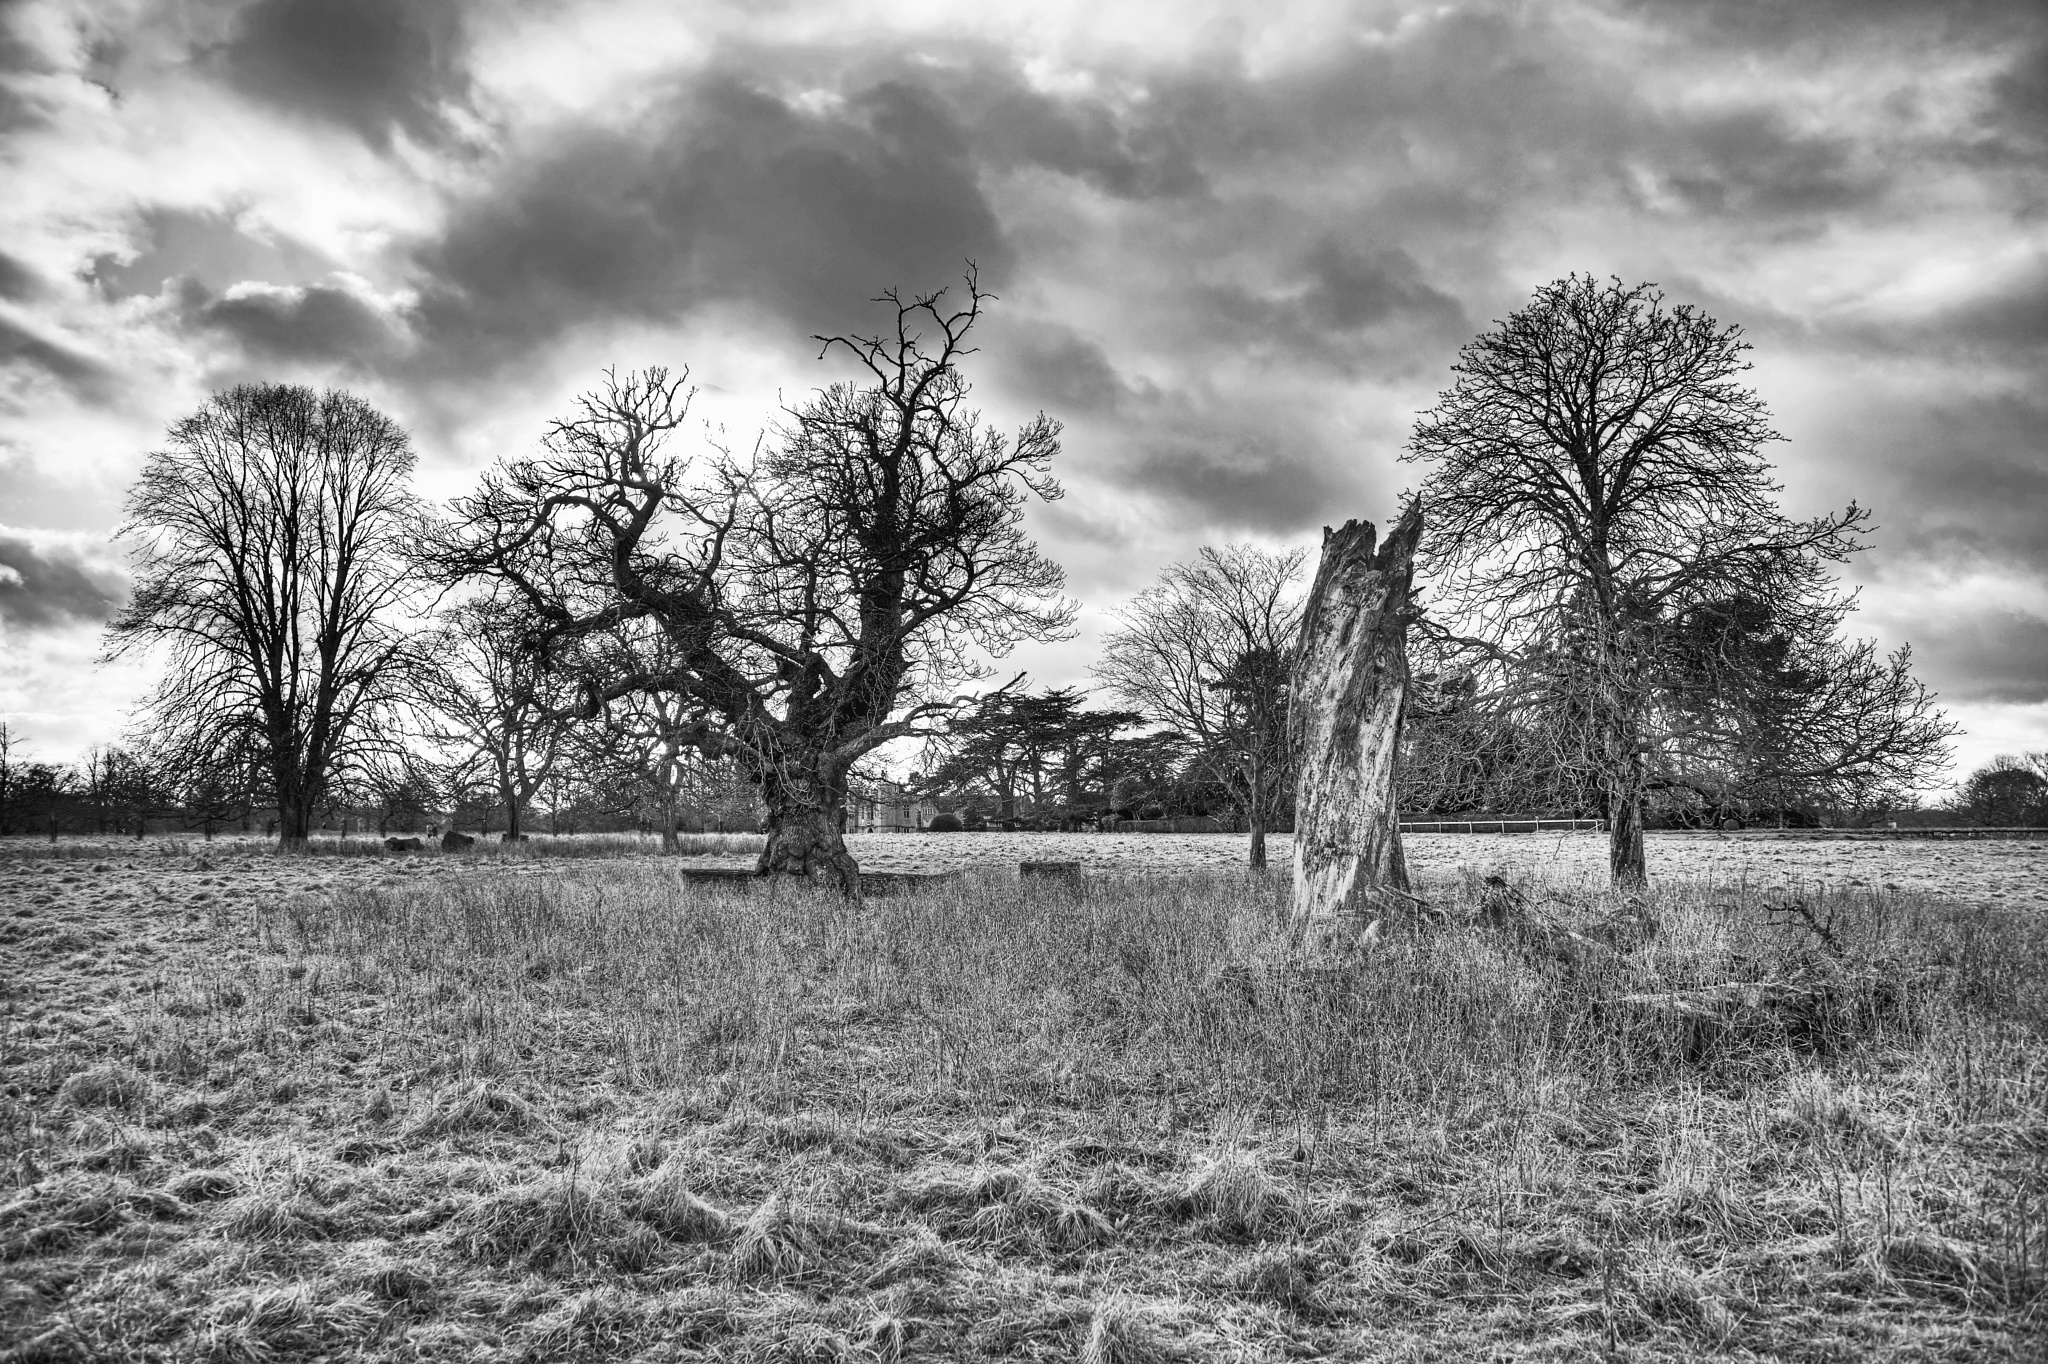 Broken Tree by sparrow1234